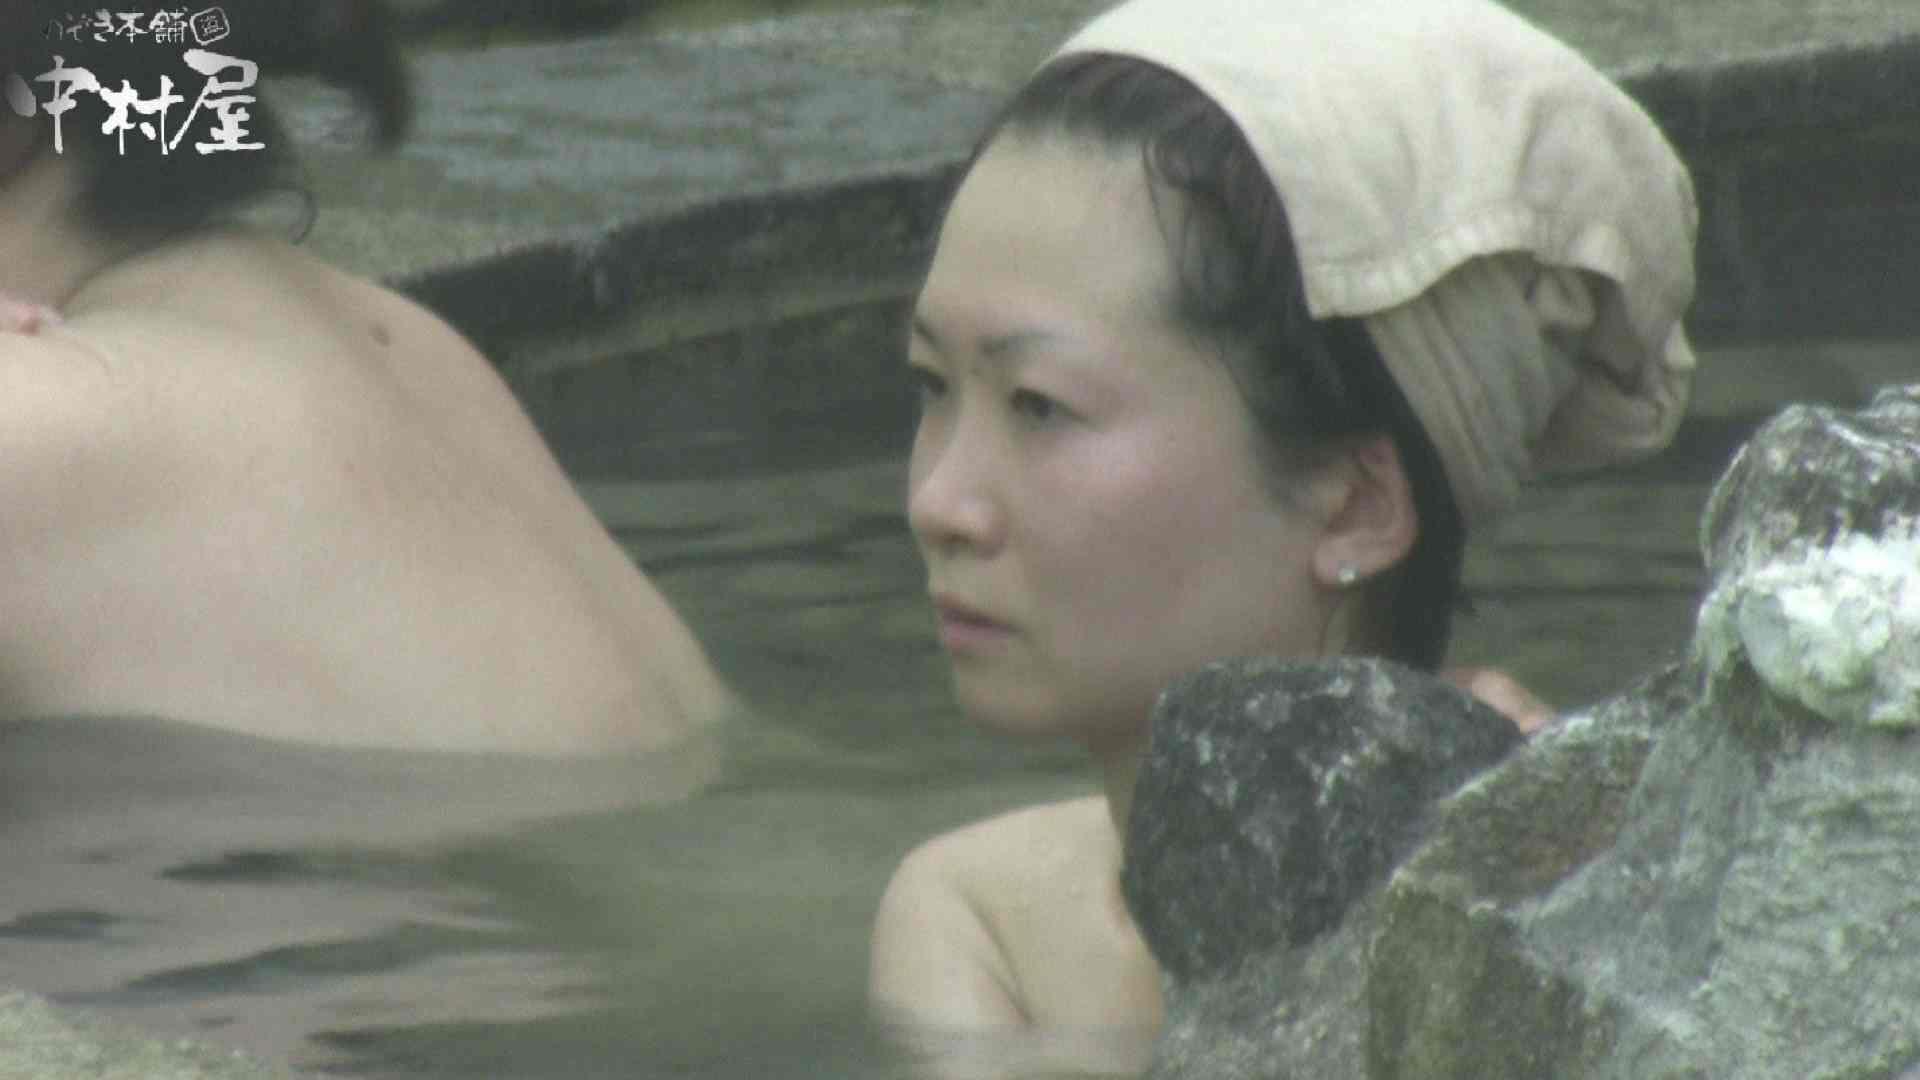 Aquaな露天風呂Vol.906 OLエロ画像  29PICs 27